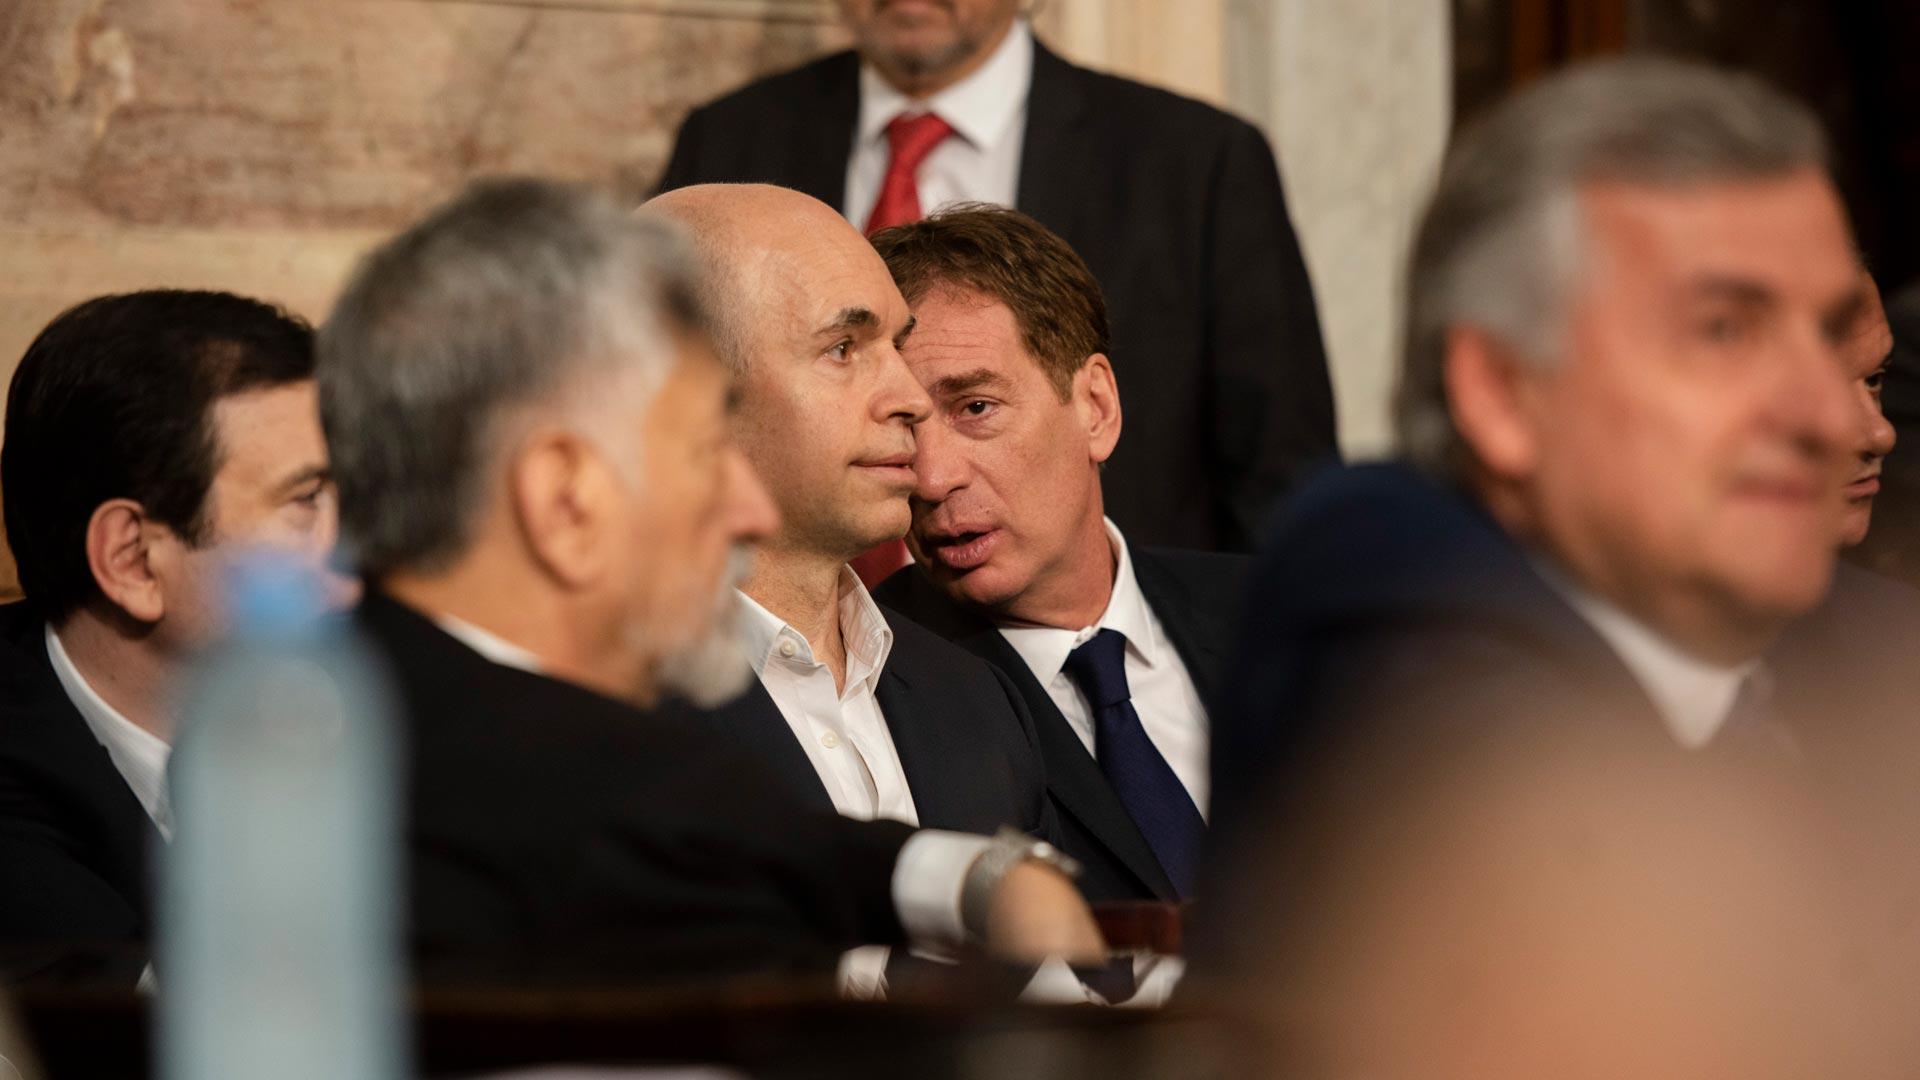 Horacio Rodríguez Larreta junto a Diego Santilli, quienes hace horas atrás habían inaugurado la asamblea legislativa del gobierno porteño